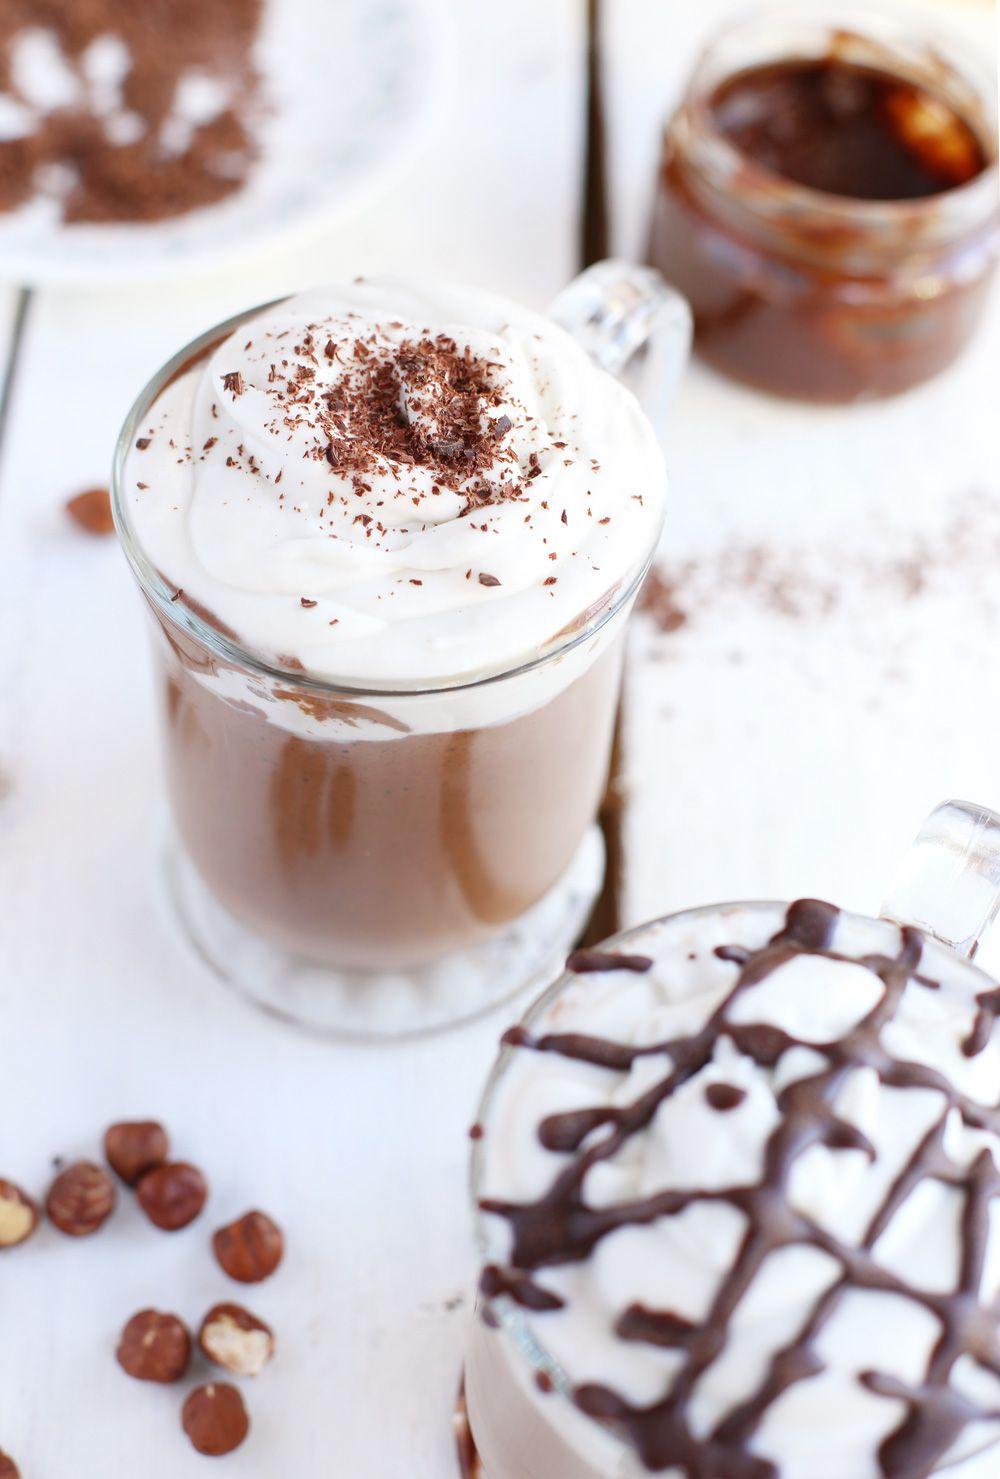 Diy Nutella Hot Chocolate Vegan Recipe Nutella Hot Chocolate Nutella Chocolate Nutella